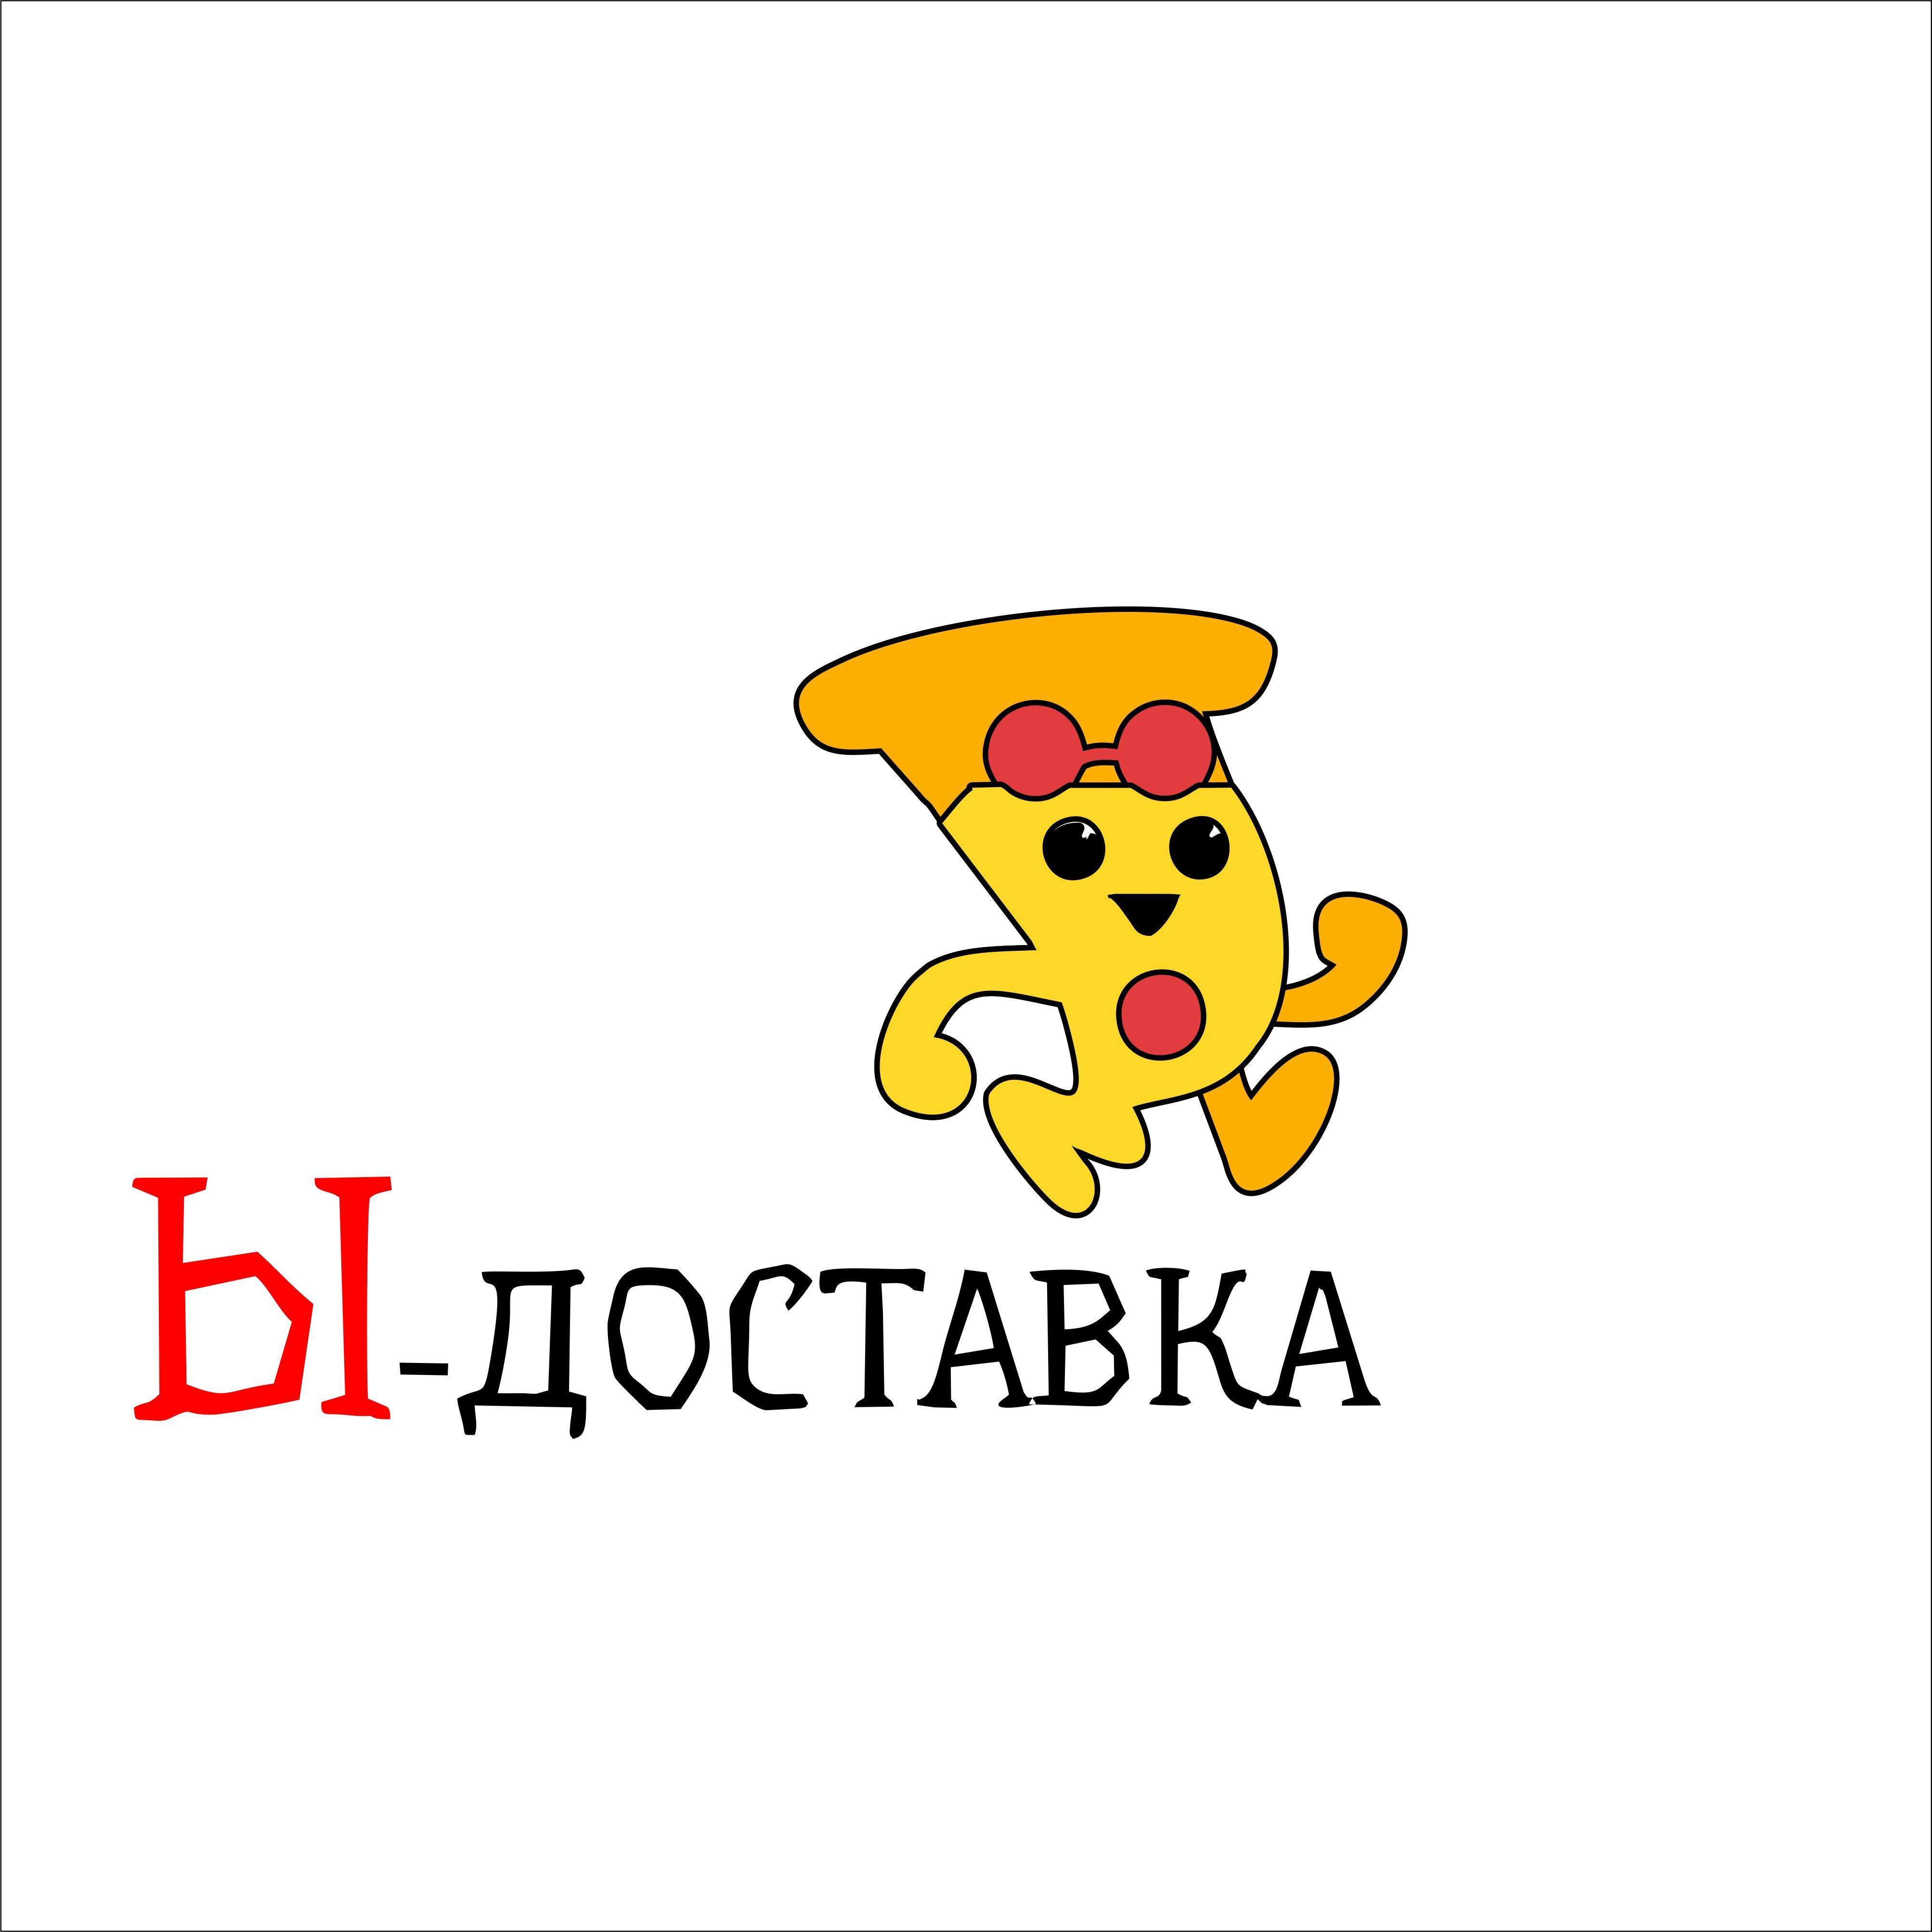 Разыскивается дизайнер для разработки лого службы доставки фото f_4775c37cafc08f59.jpg